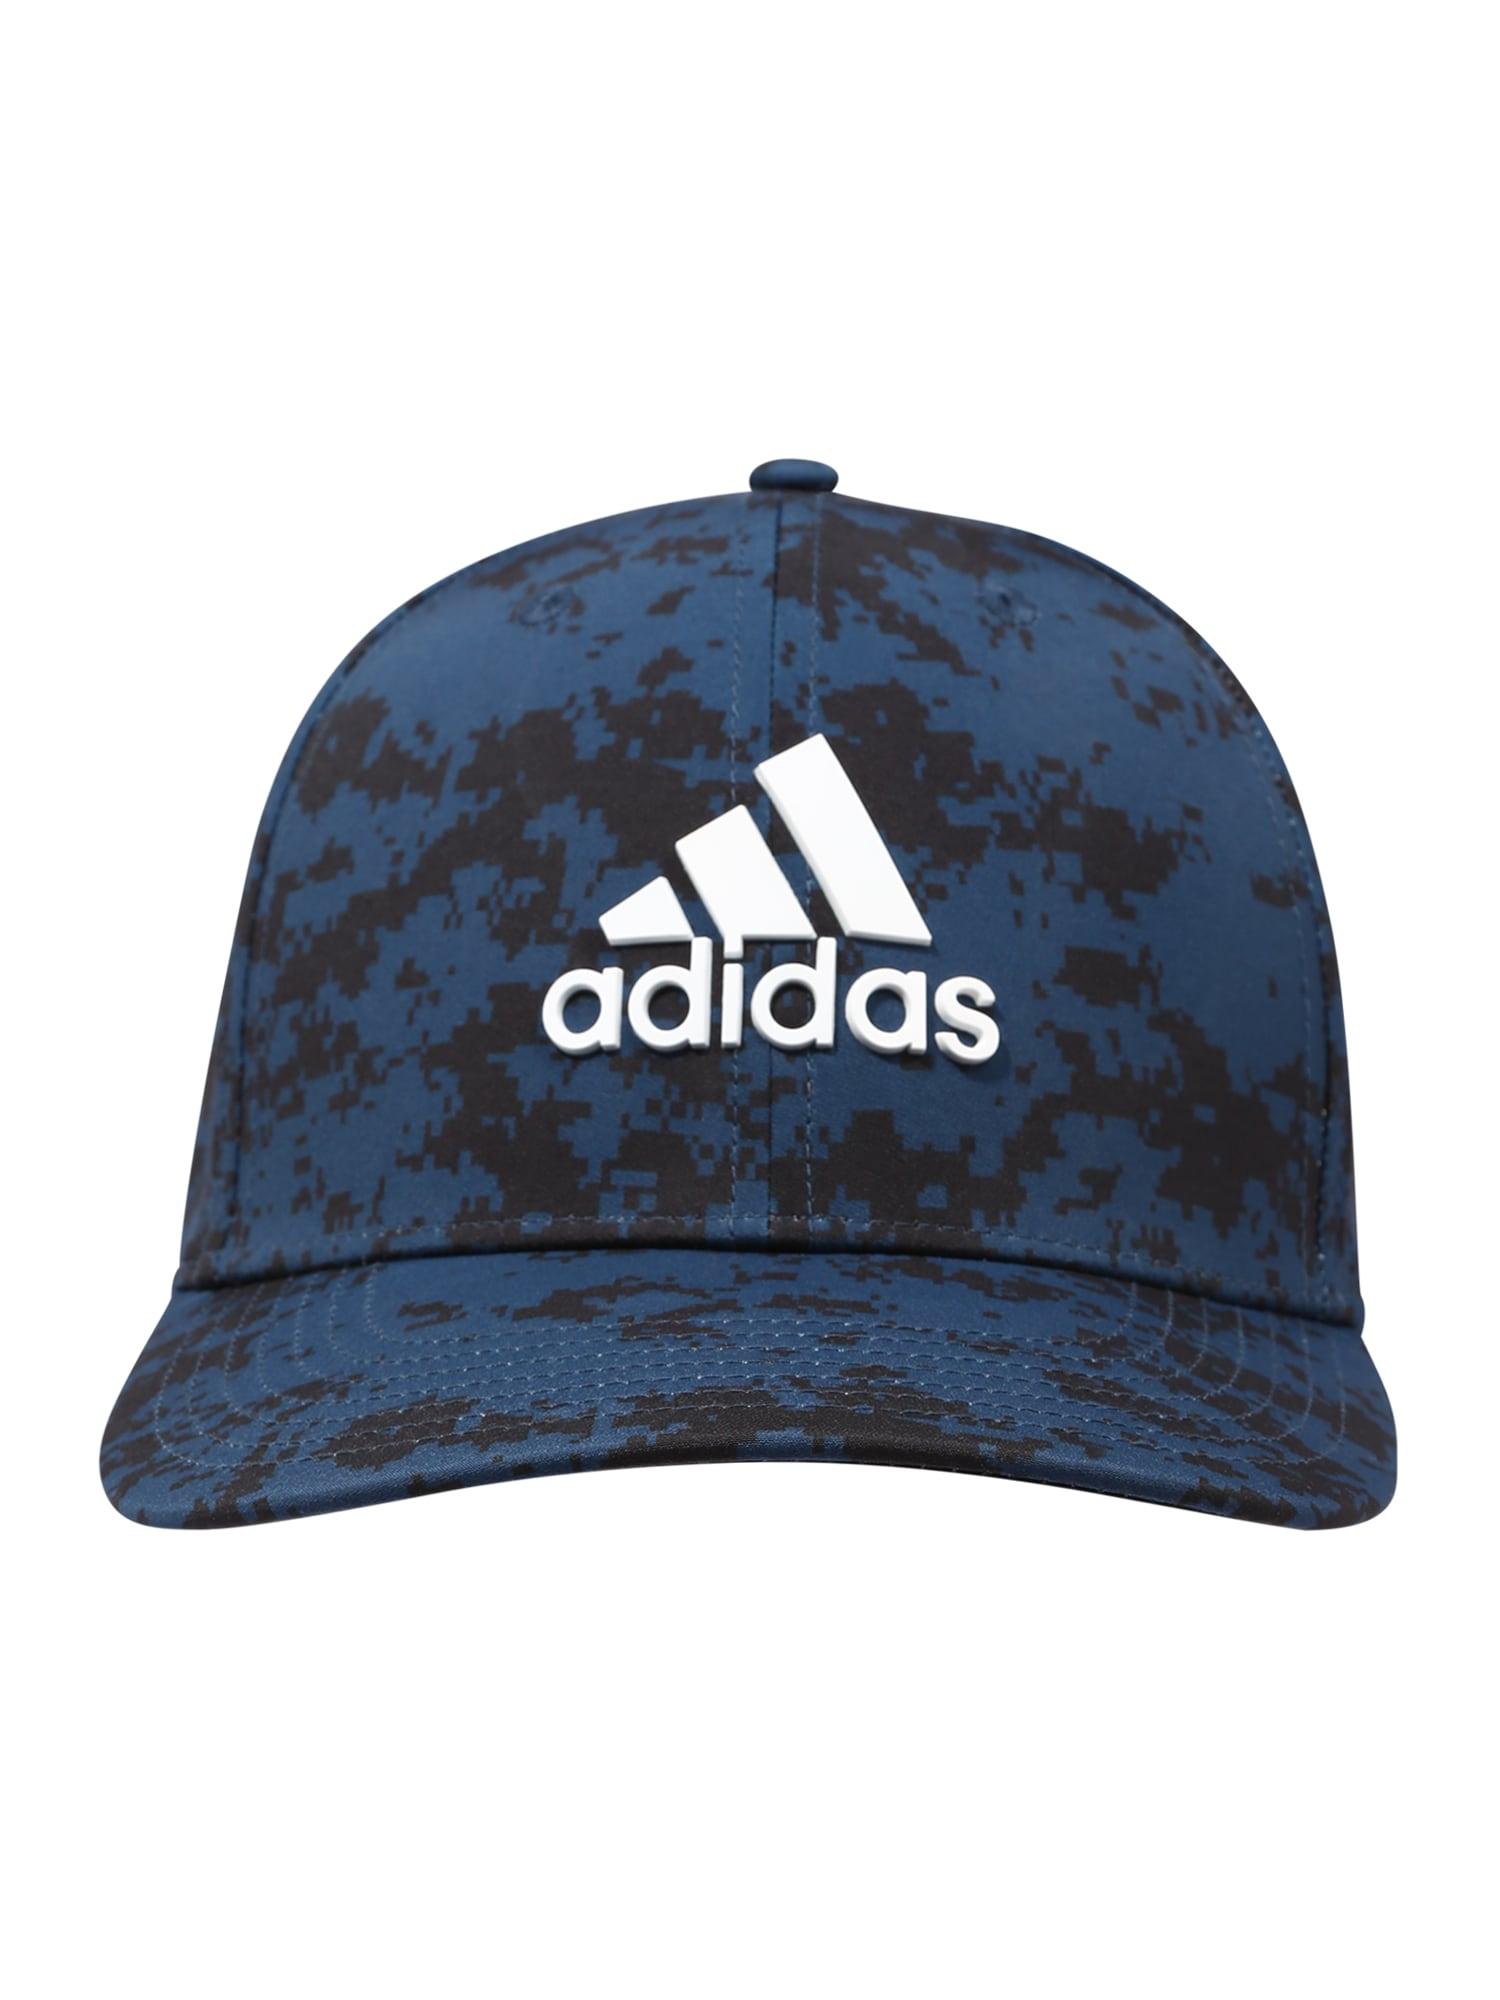 adidas Golf Sportinė kepurė mėlyna / juoda / balta